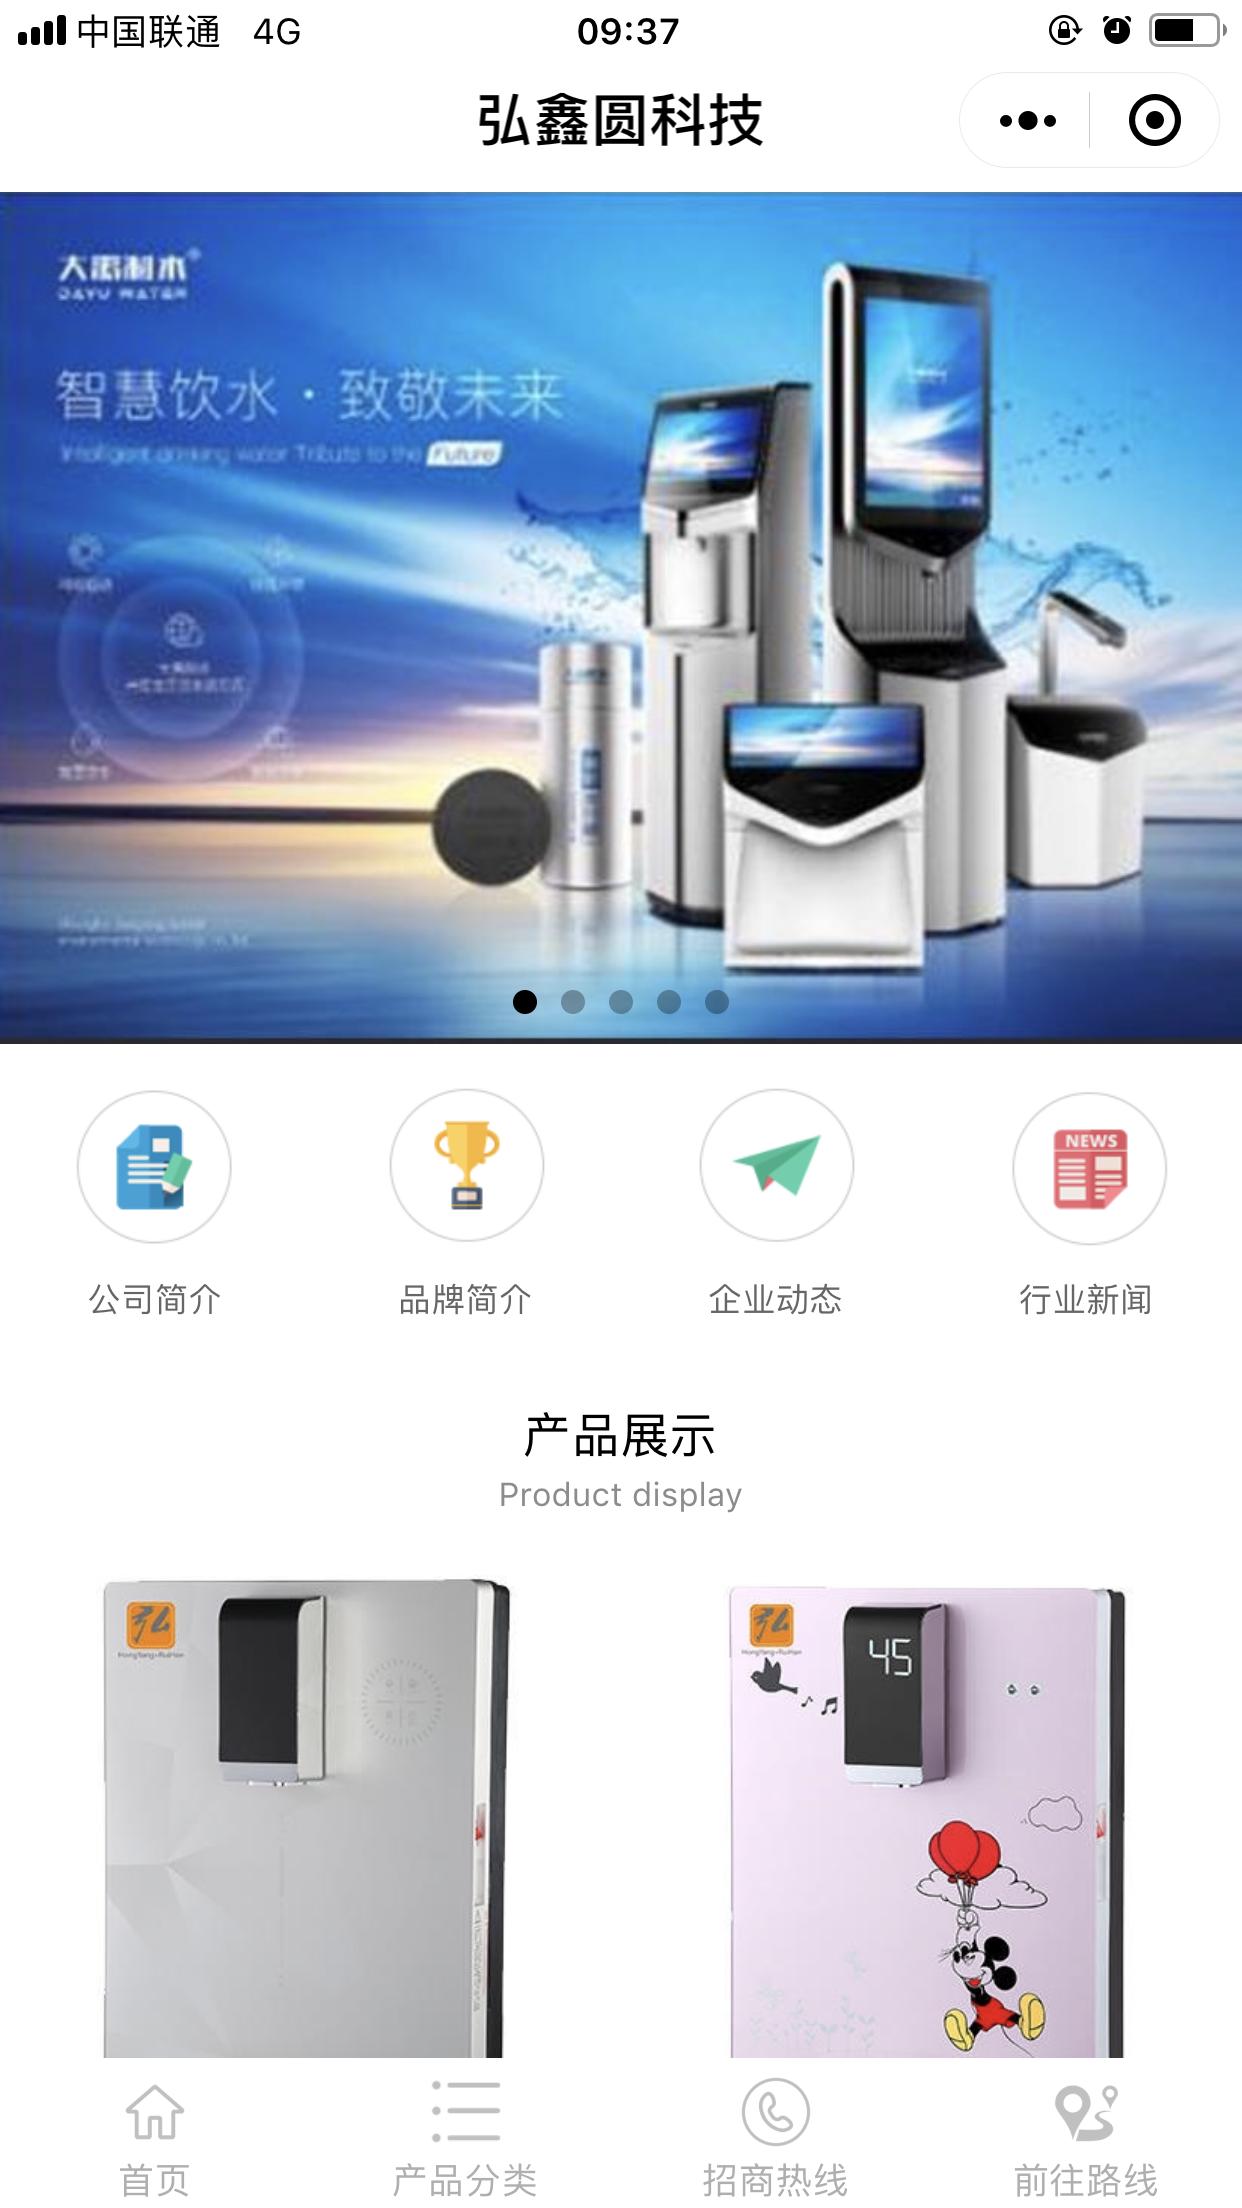 微信弘鑫圆小程序